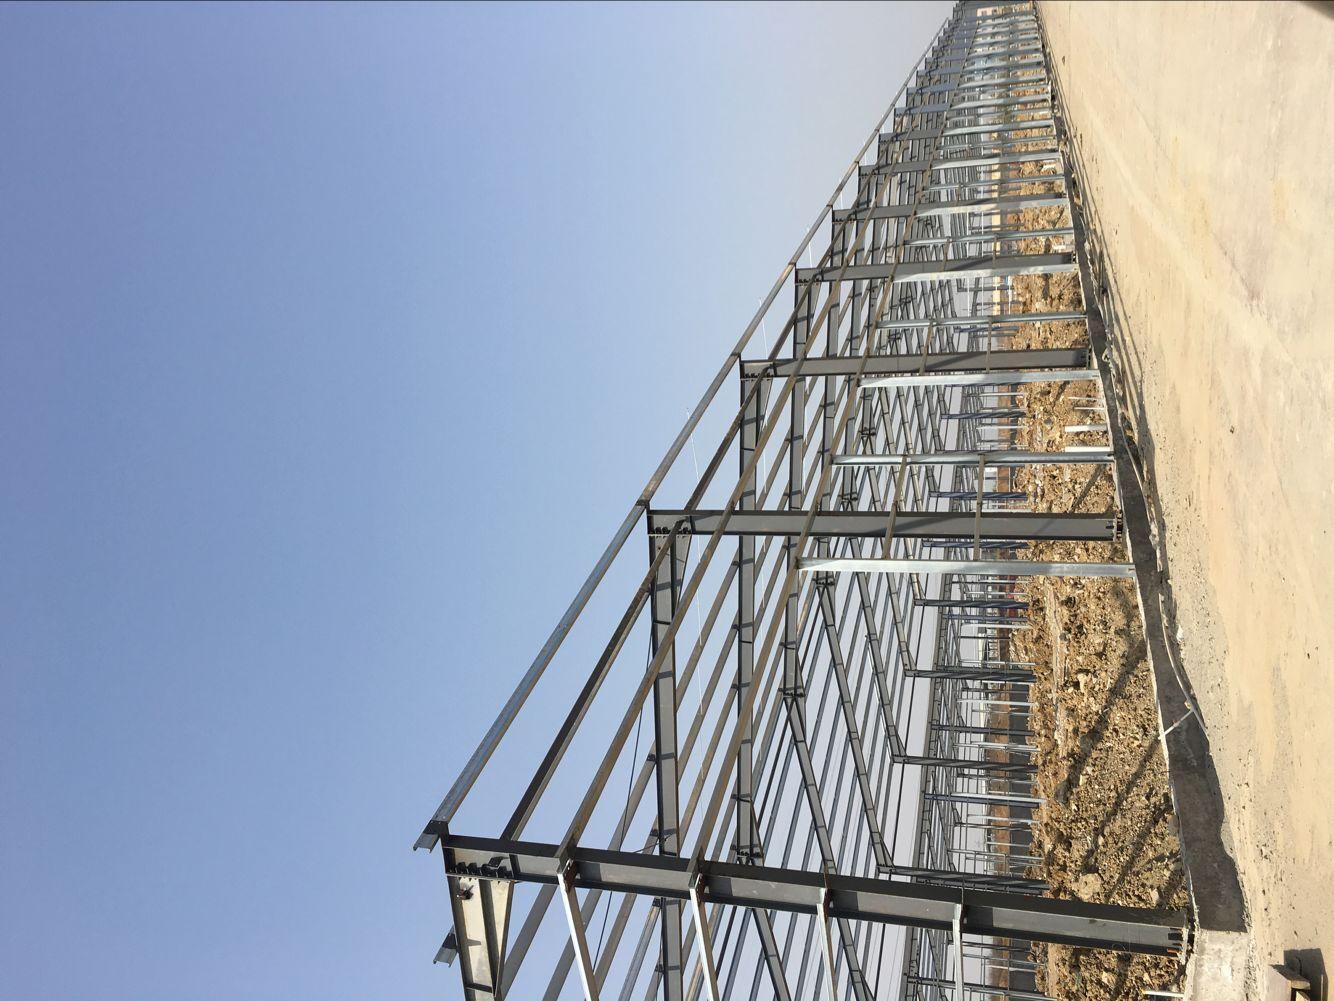 该如何应对钢结构生锈导致寿命缩短问题呢